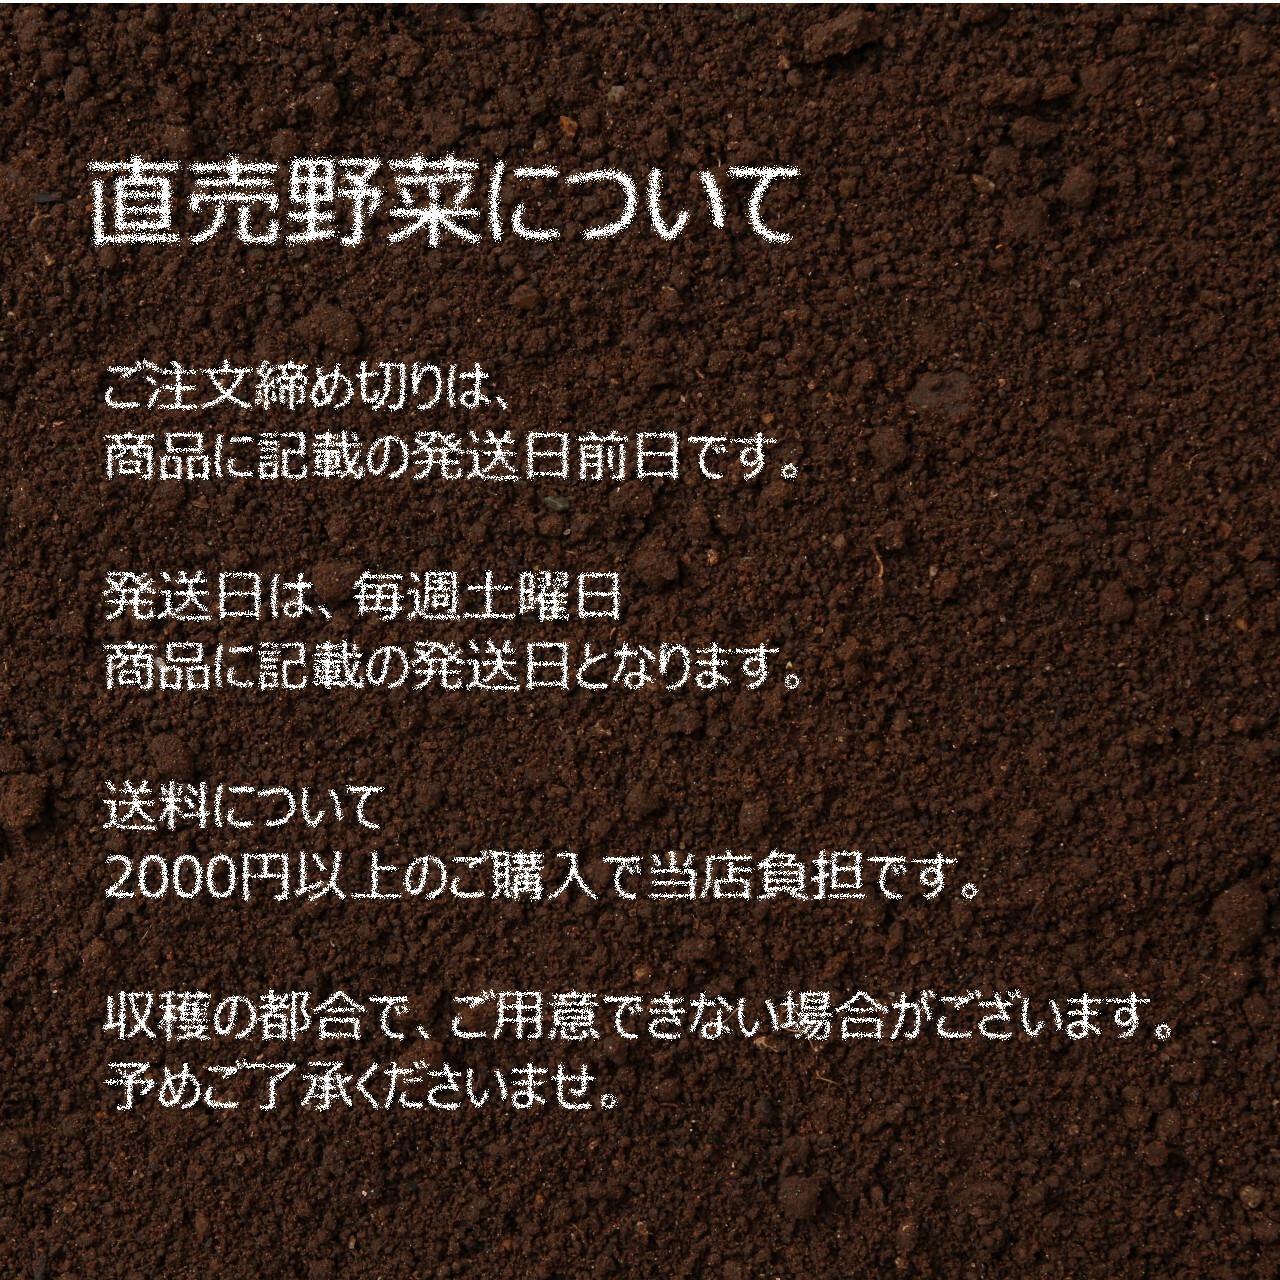 新鮮な秋野菜 : インゲン 約200g 9月の朝採り直売野菜 9月21日発送予定